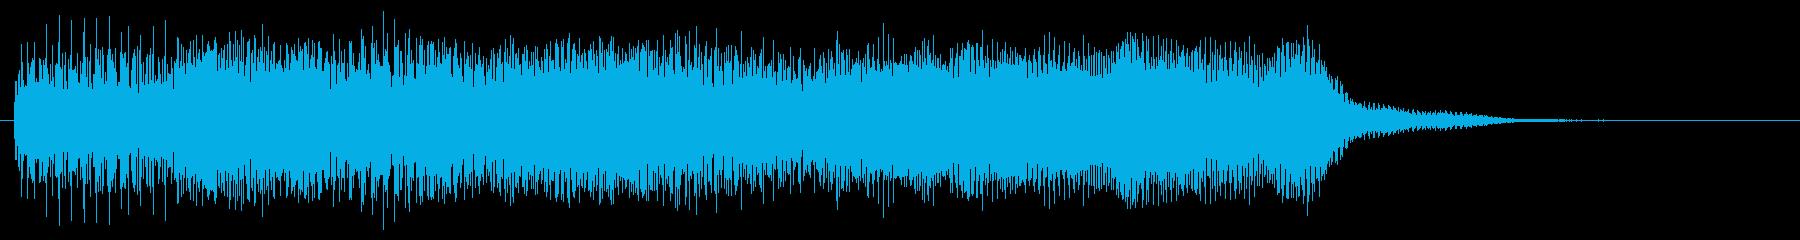 ステージクリア 目標達成 場面転換音の再生済みの波形